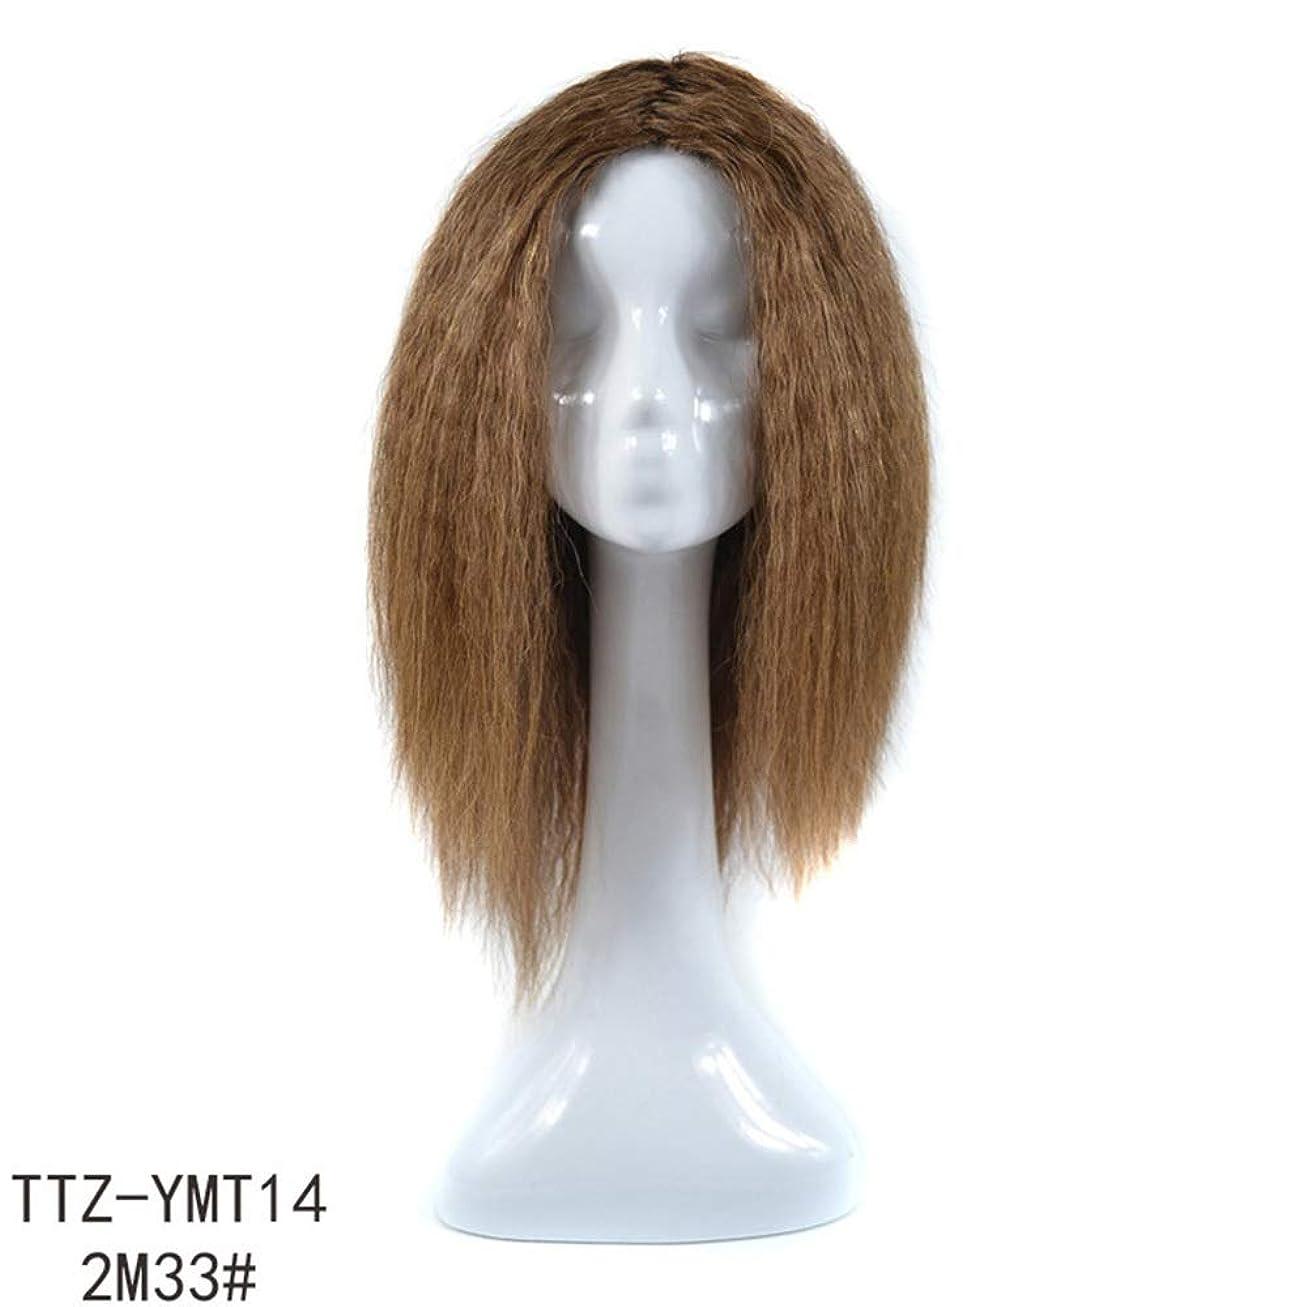 知らせる実際反響するYrattary 24インチダークブラウンリアルヘアコーンロングカーリーヘアー女性のための人工毛レースかつらロールプレイングかつら (色 : ブラウン, サイズ : 14 inch)